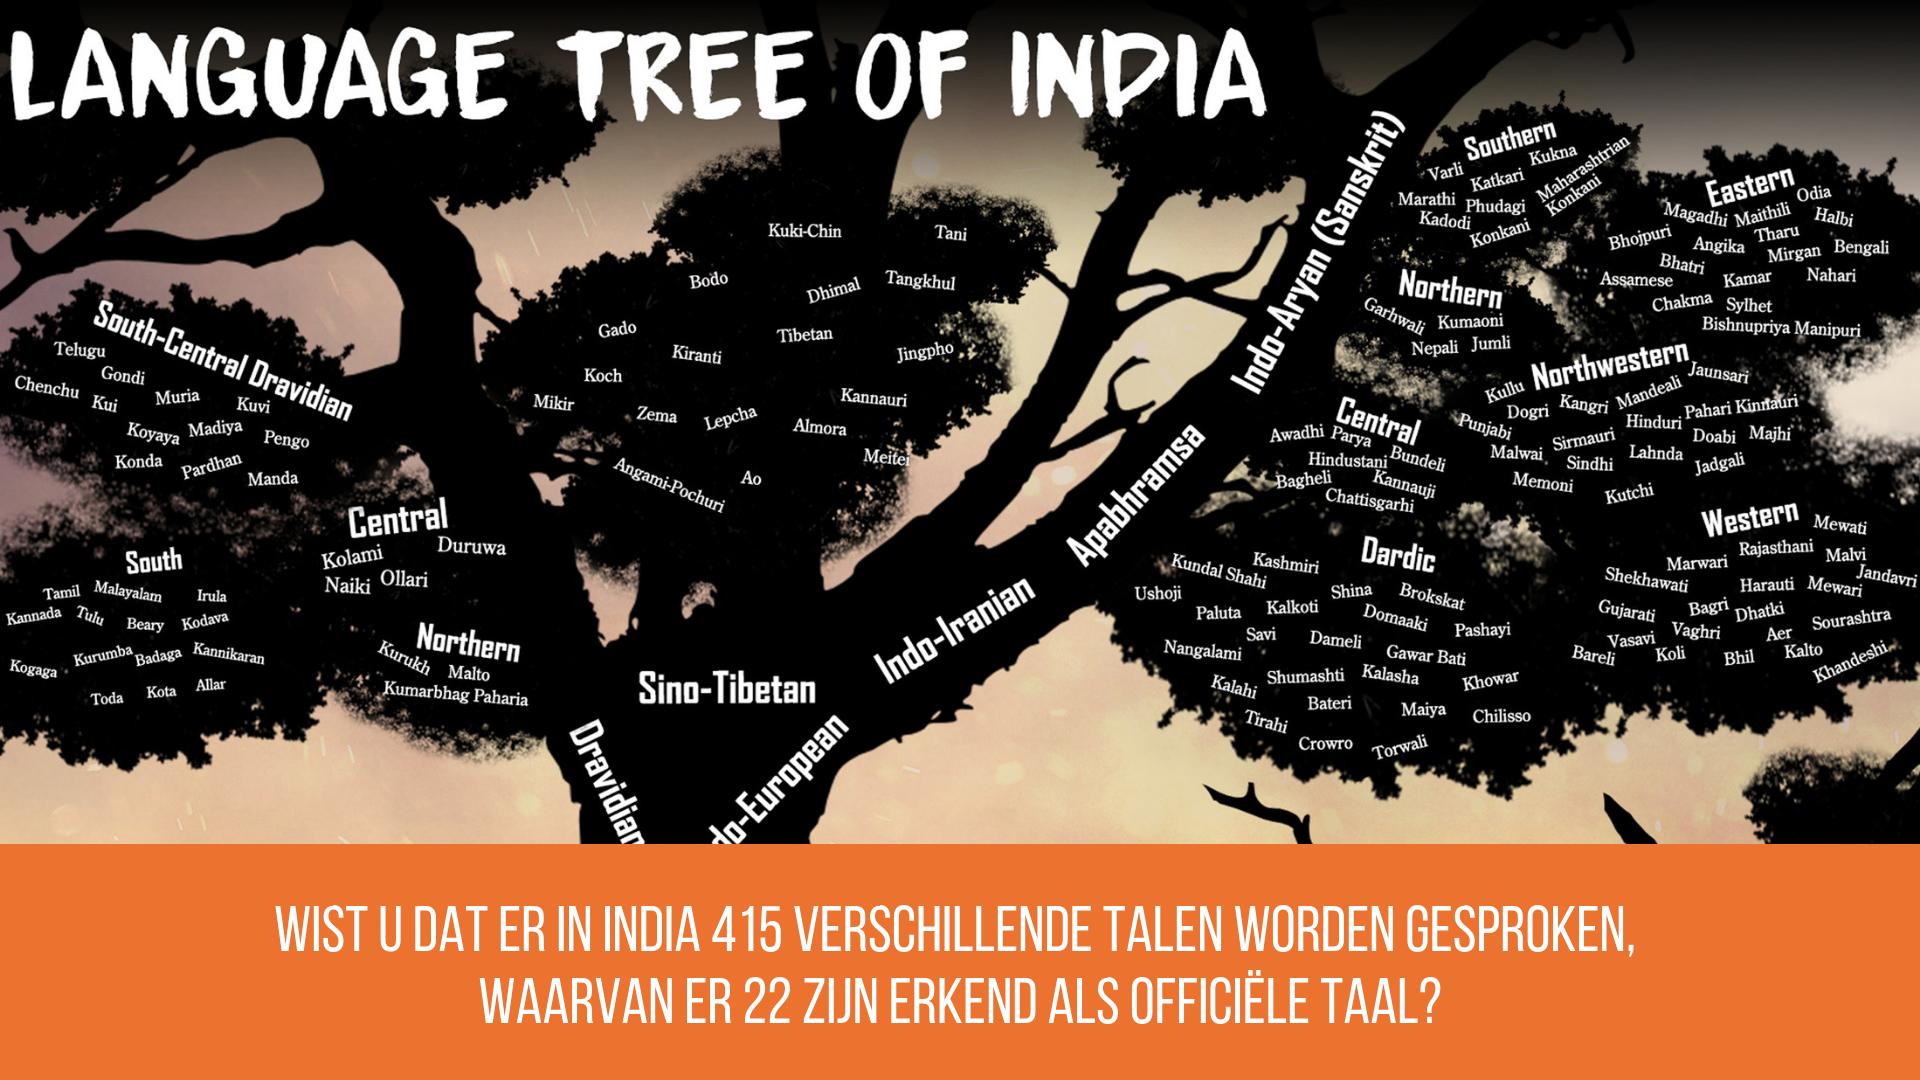 De zakelijke cultuur in India kent meer dan 22 talen